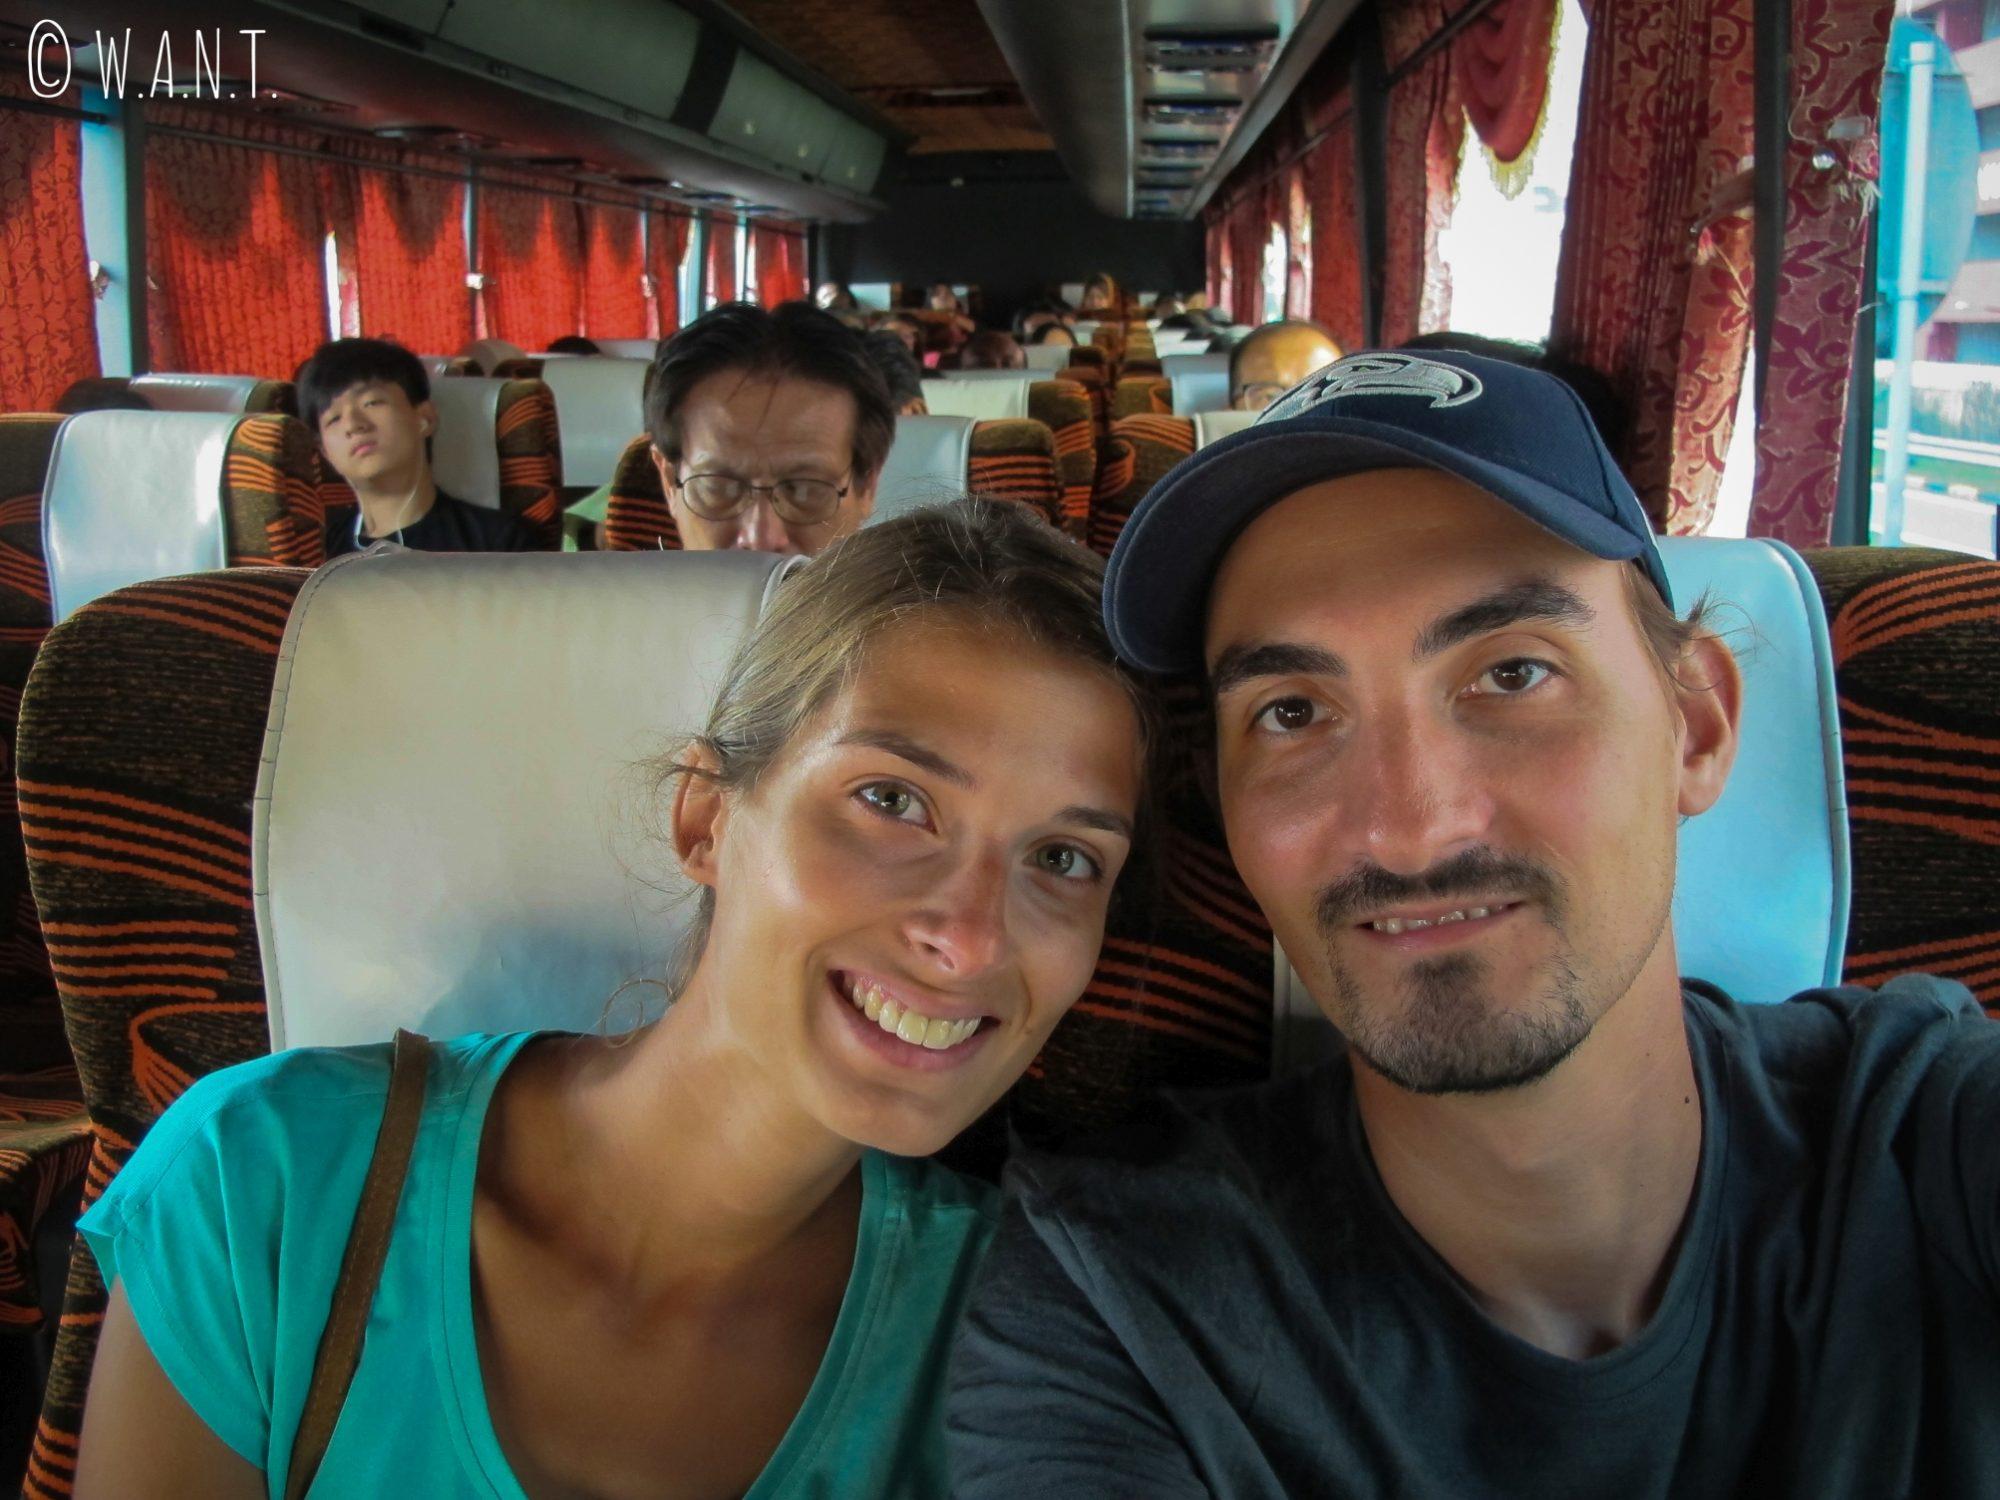 Nous prenons un bus pour rejoindre Malacca depuis Kuala Lumpur